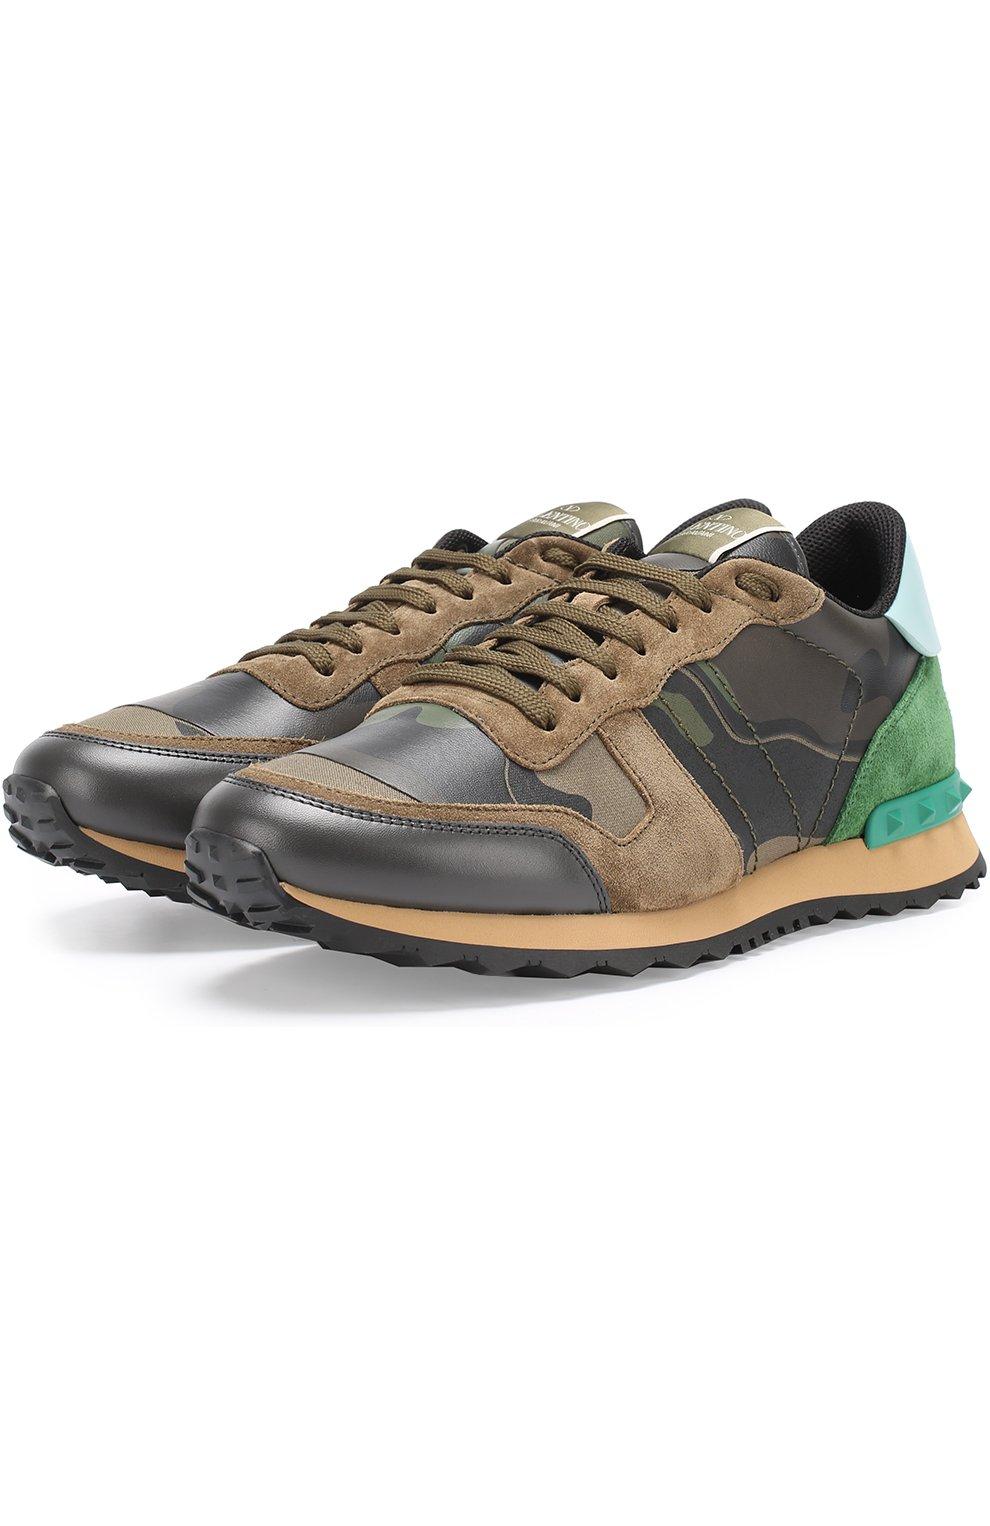 Комбинированные кроссовки Valentino Garavani Rockrunner с камуфляжным  принтом   Фото №1 4d53bbadd29